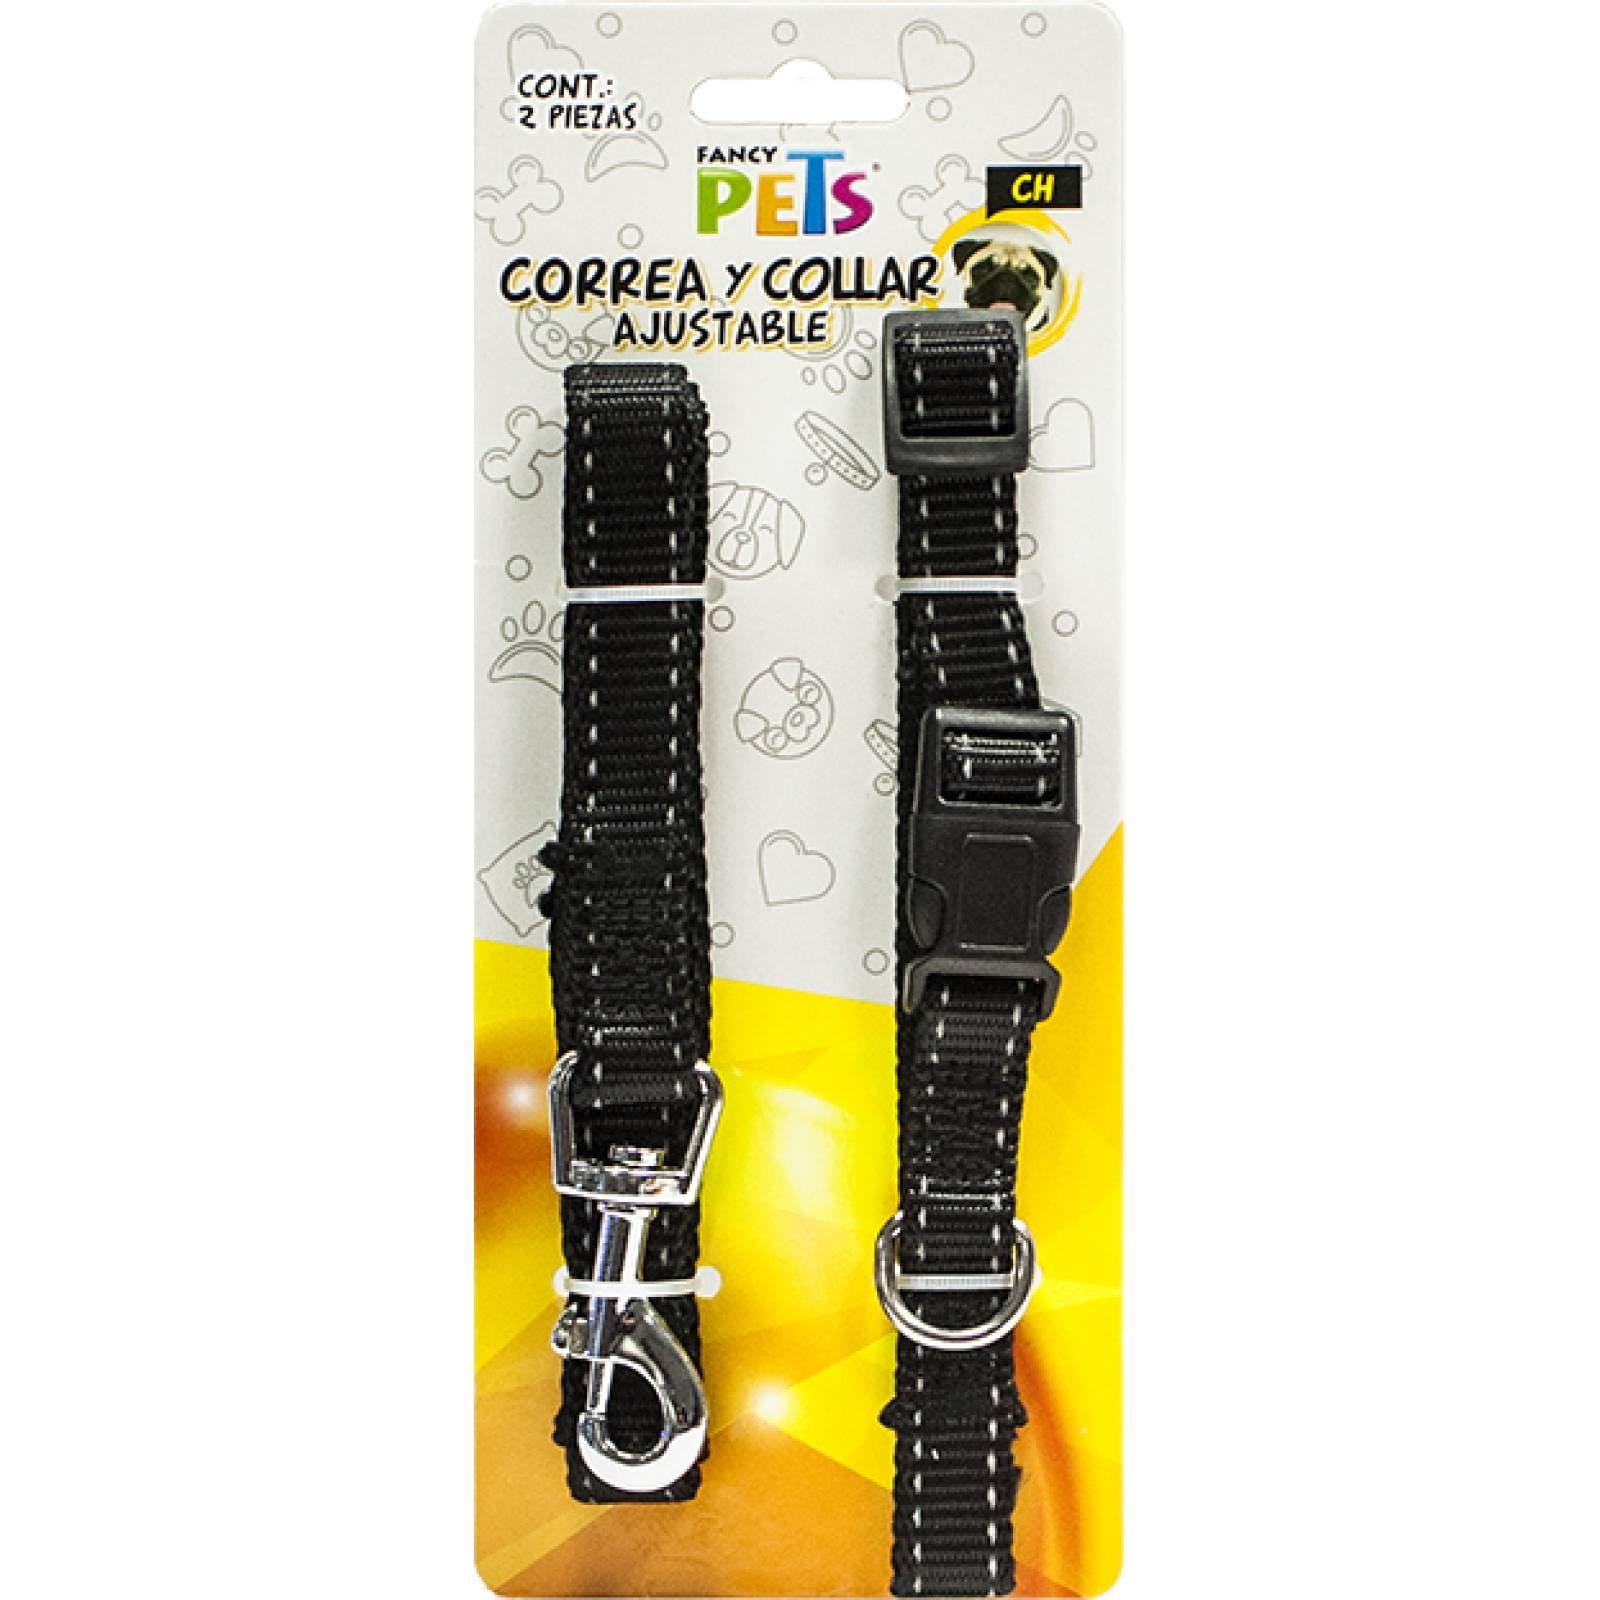 Fancy Pets Collar y Correa para Perro de Nylon ajustable con Bandas reflejantes Chica